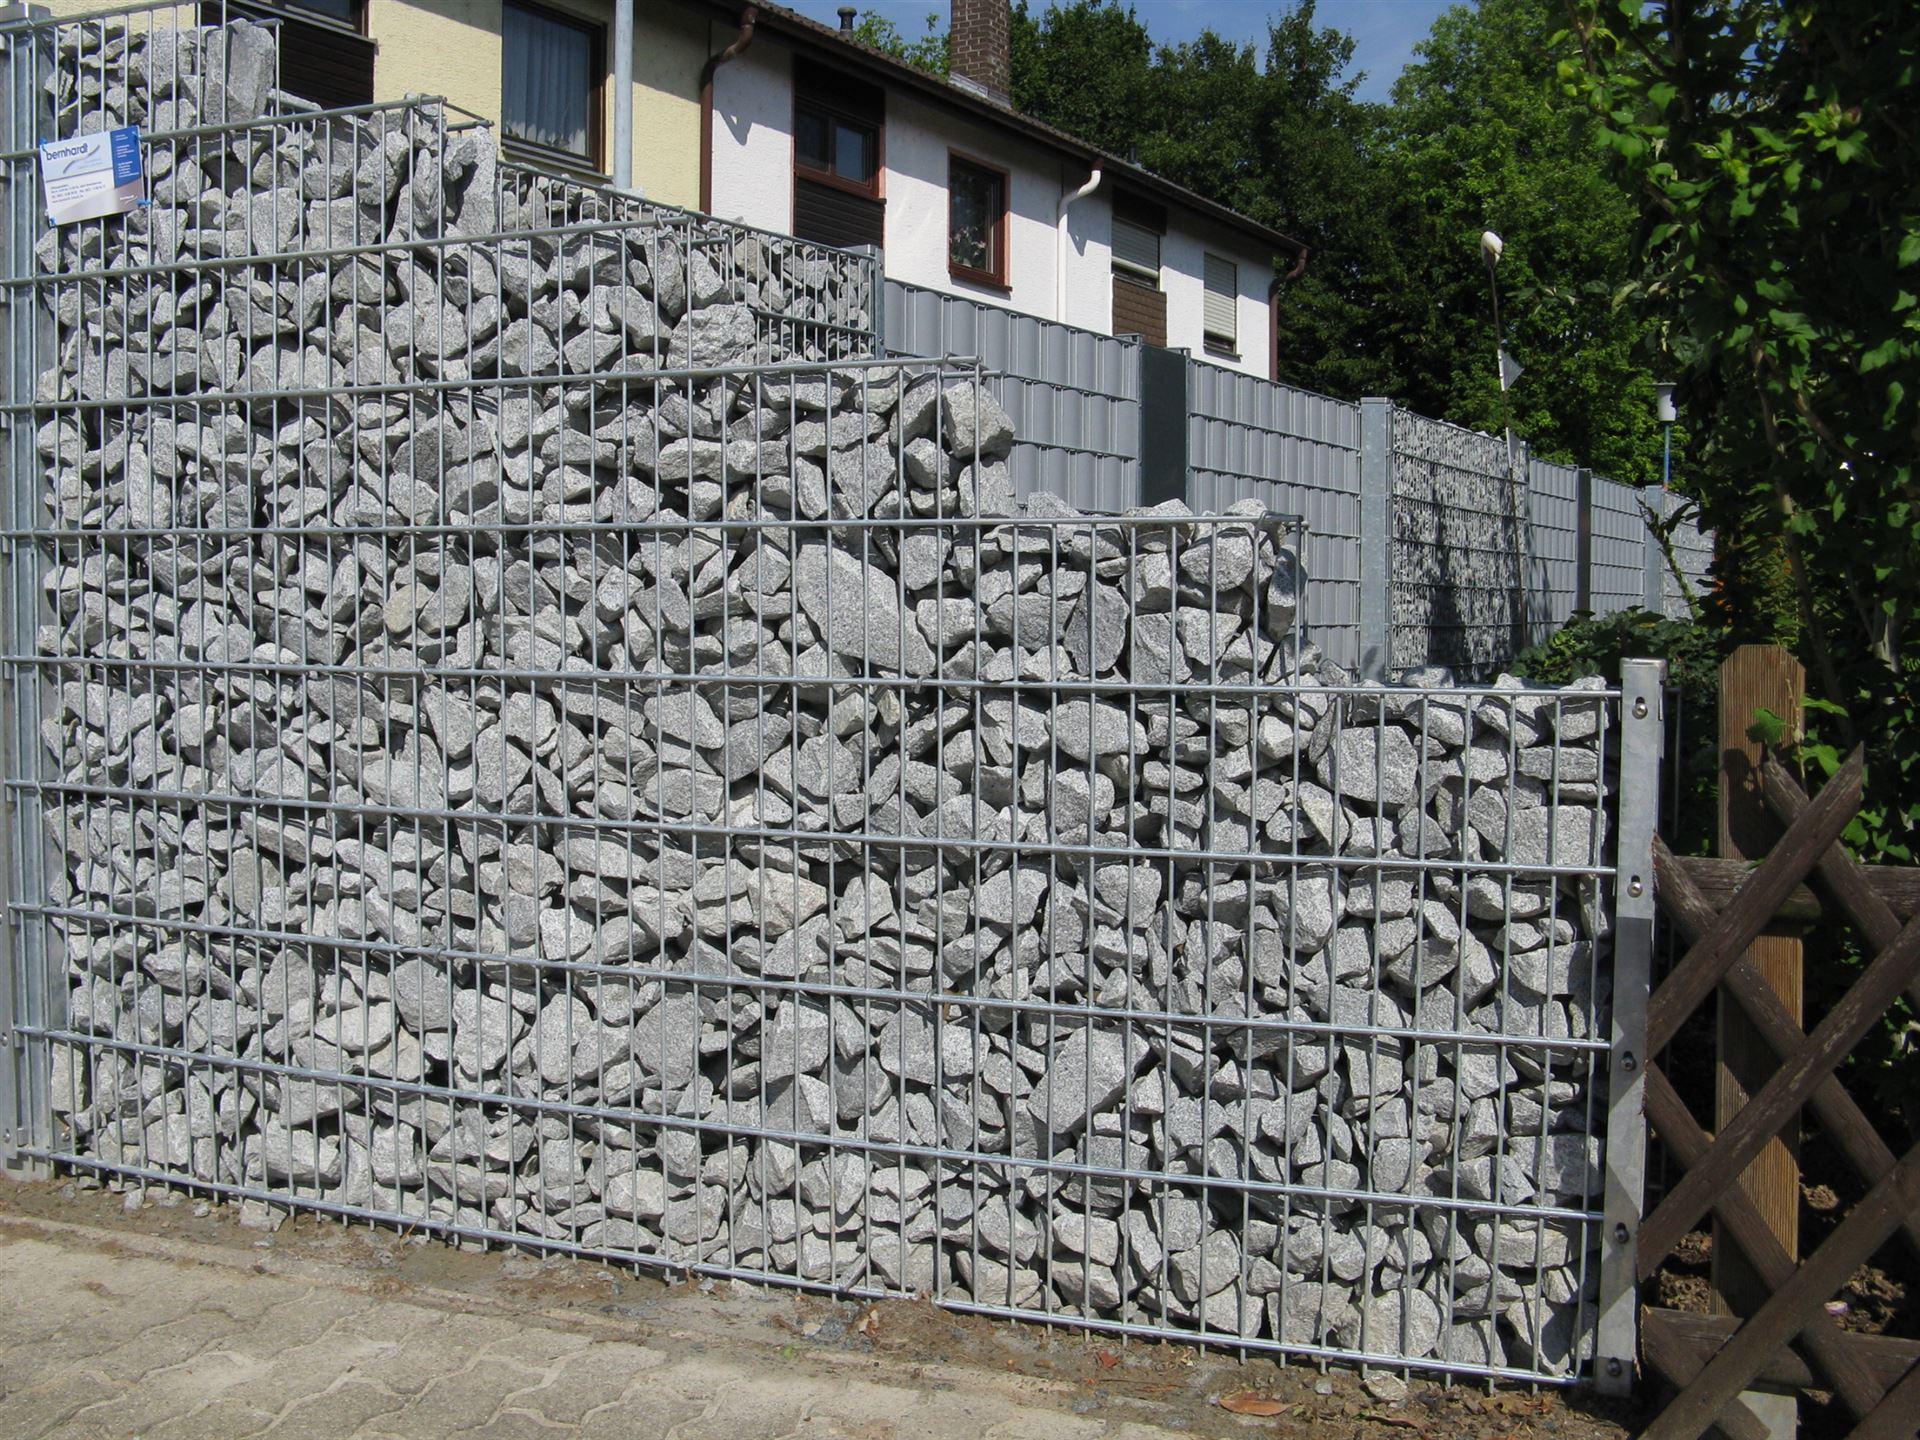 stein-gabionenwand aus rechteckrohr